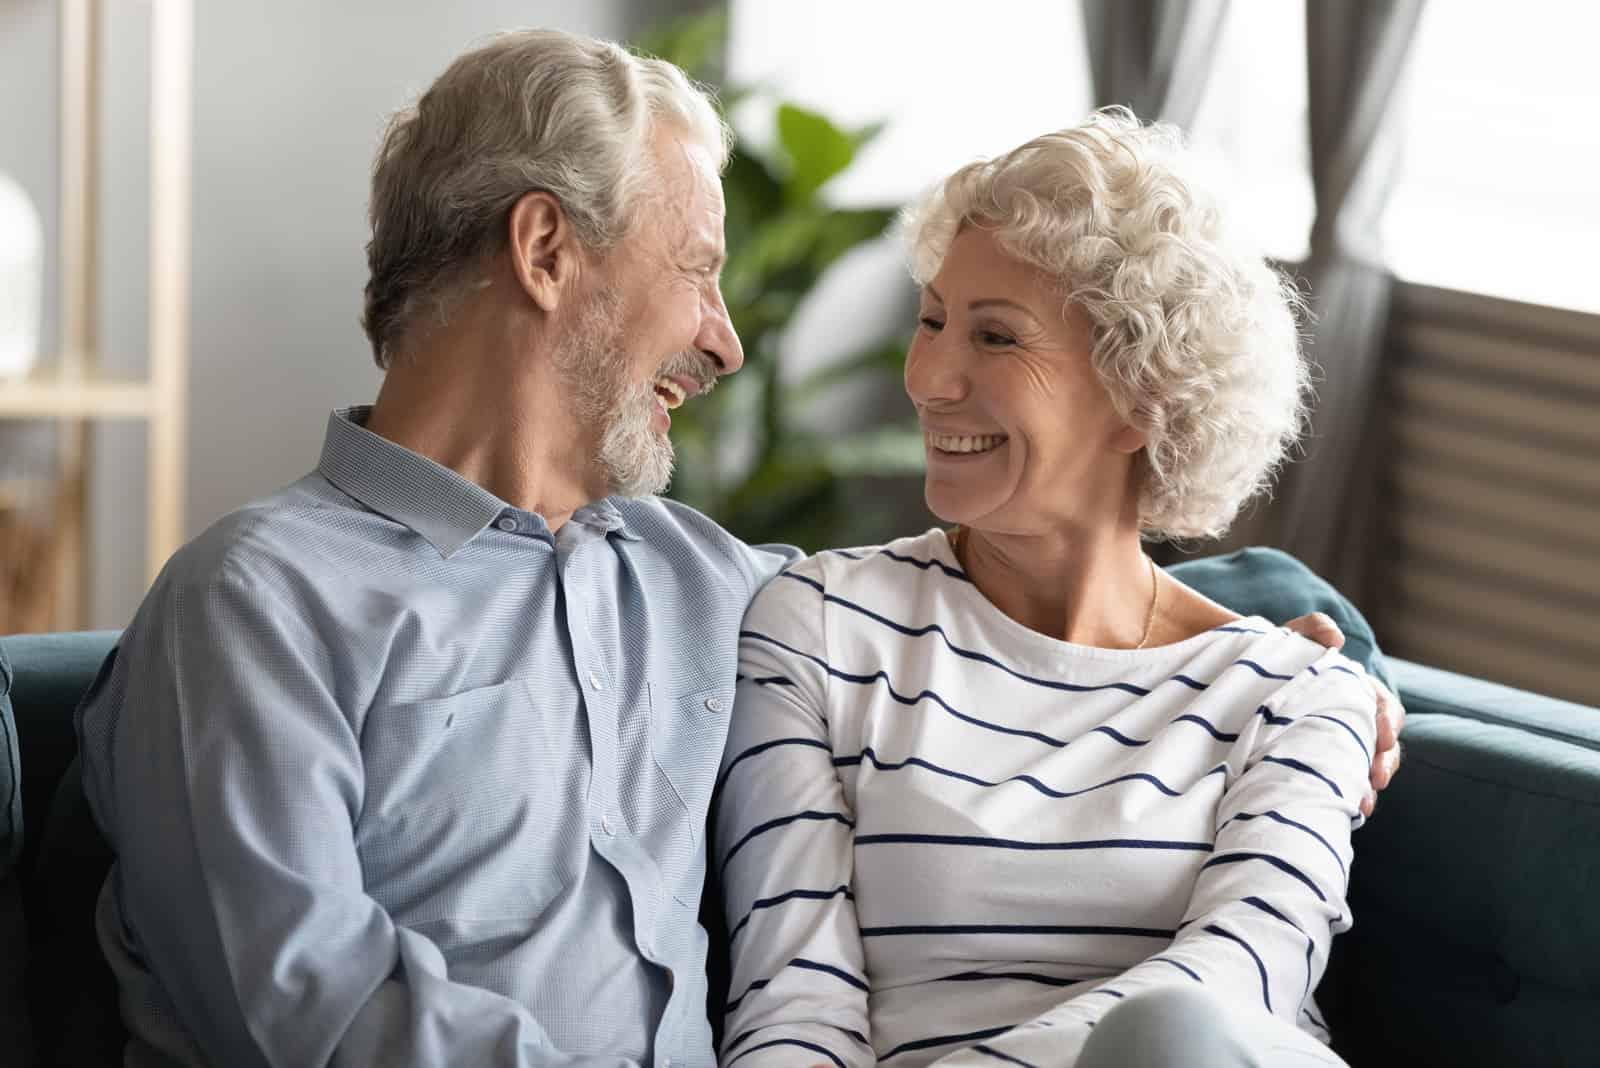 Ein älteres lächelndes Paar sitzt und redet